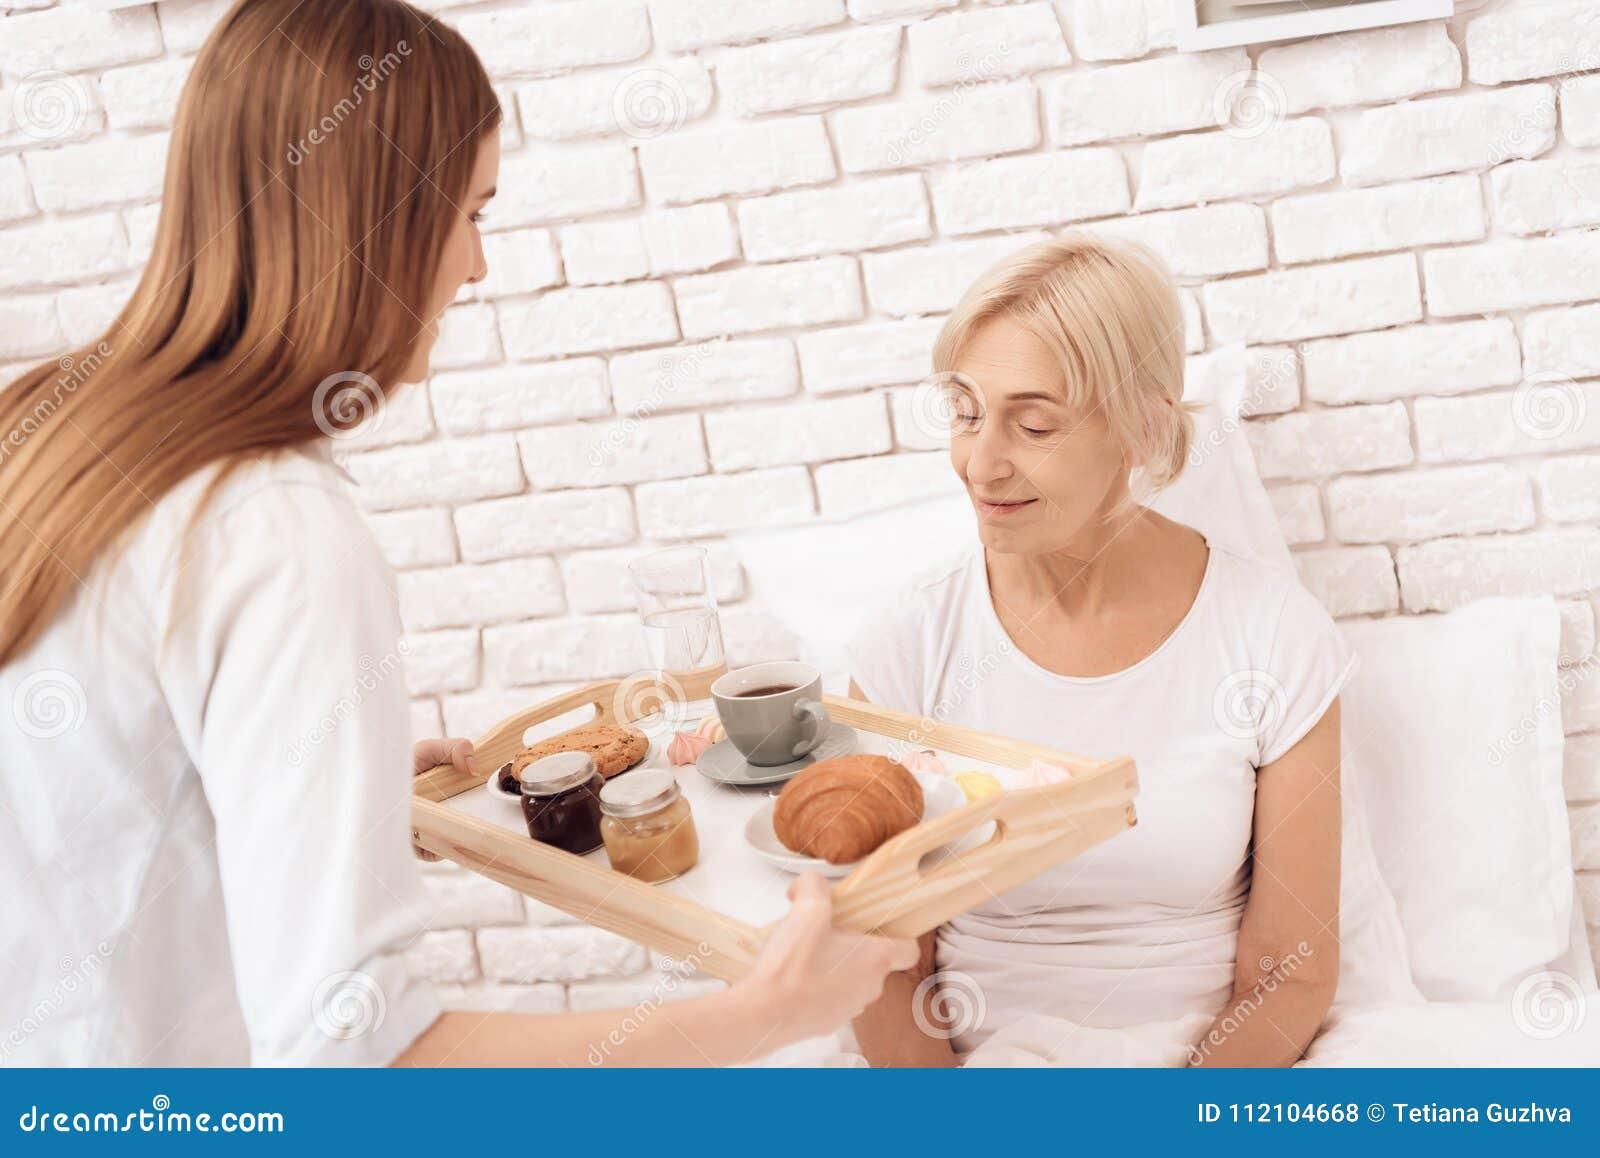 Dziewczyna pielęgnuje starszej kobiety w domu Dziewczyna przynosi śniadanie na tacy